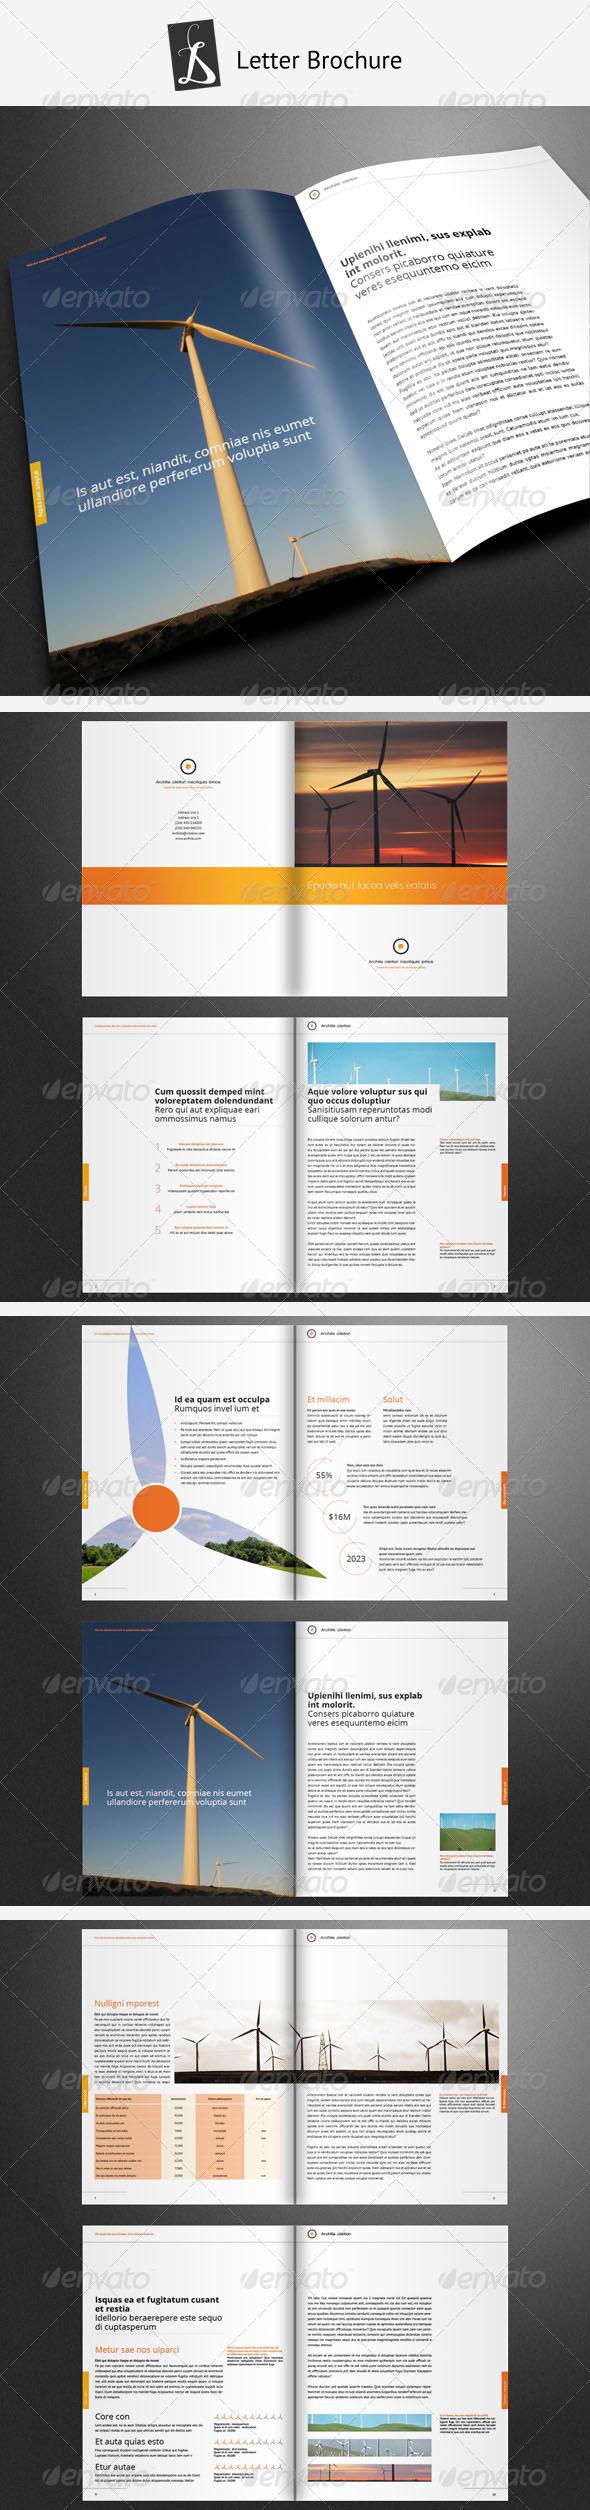 Corporate Brochure 18 - Corporate Brochures